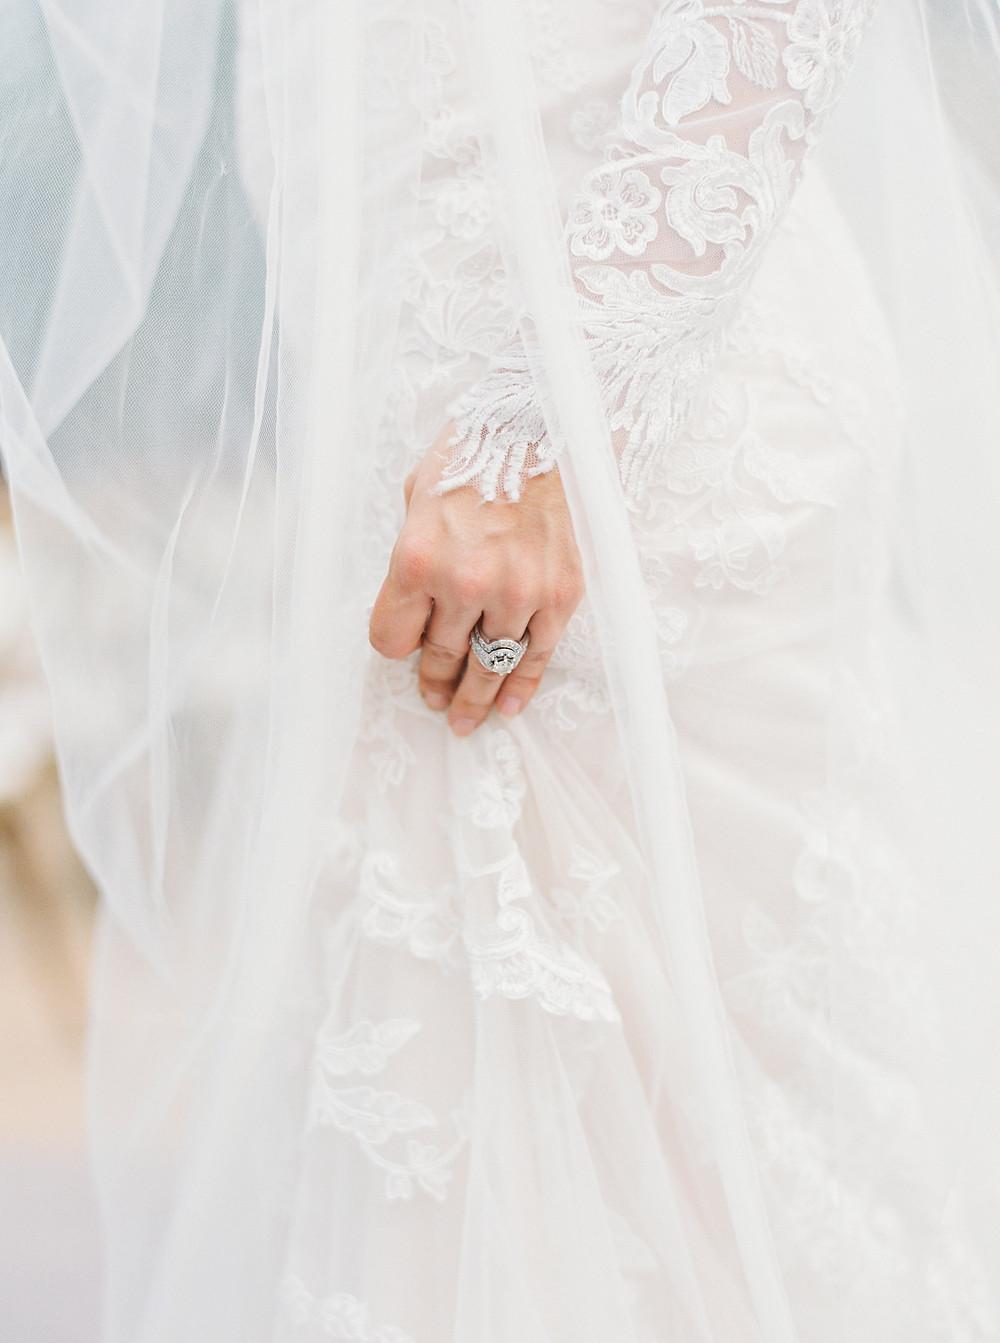 Montelucia Wedding, Bride Details, Wedding Ring